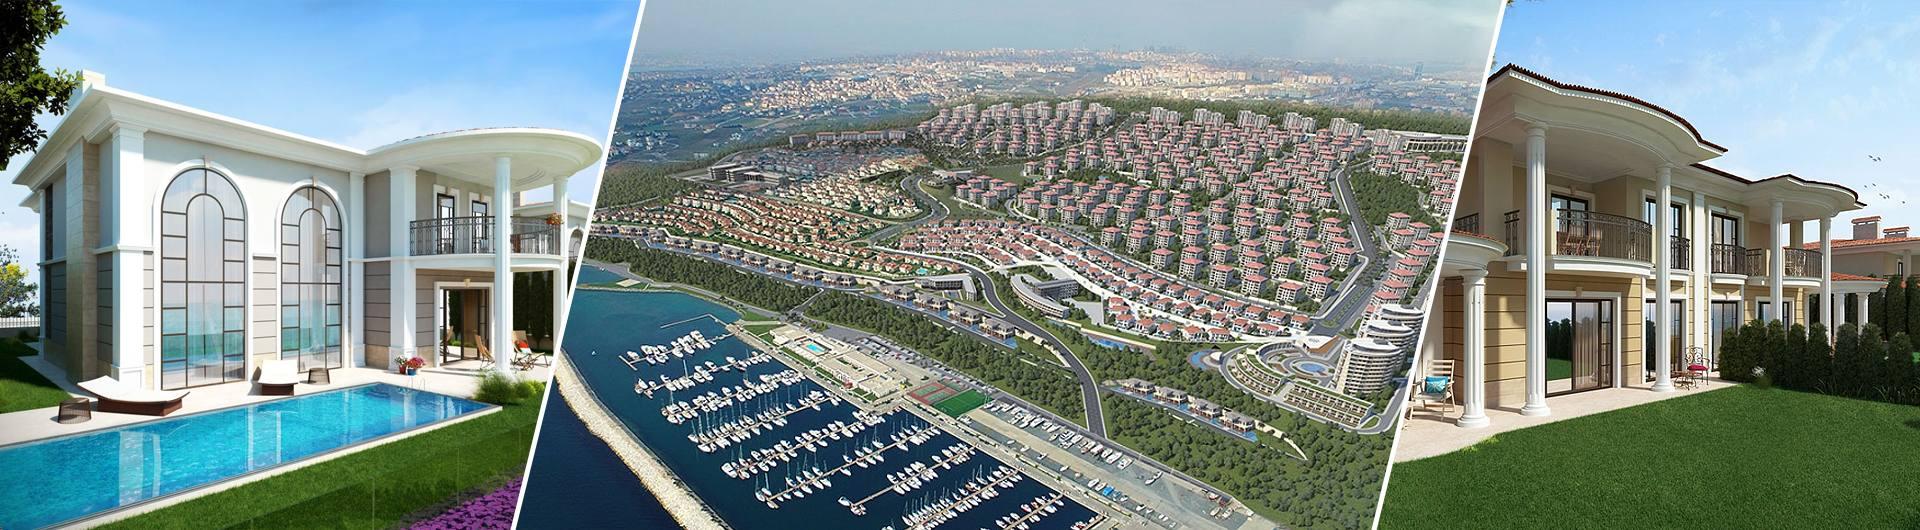 Keleşoğlu İnşaat Deniz İstanbul Marina Evleri Konut Projesi arkaplan